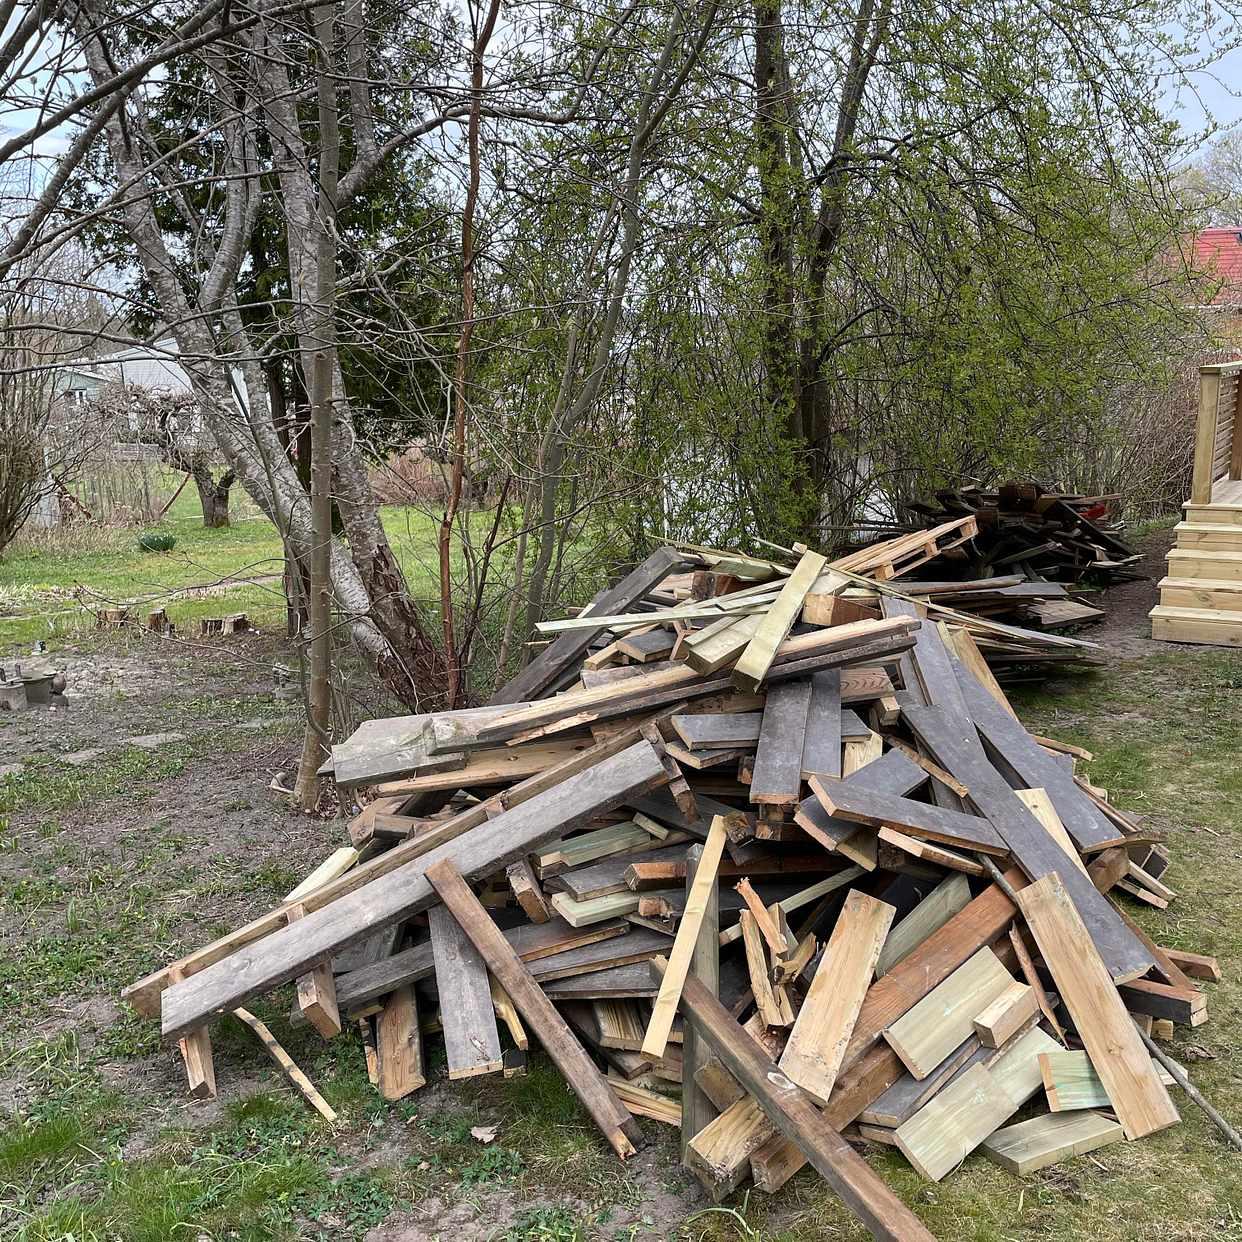 image of Återvinning trä & avfall - Österskär